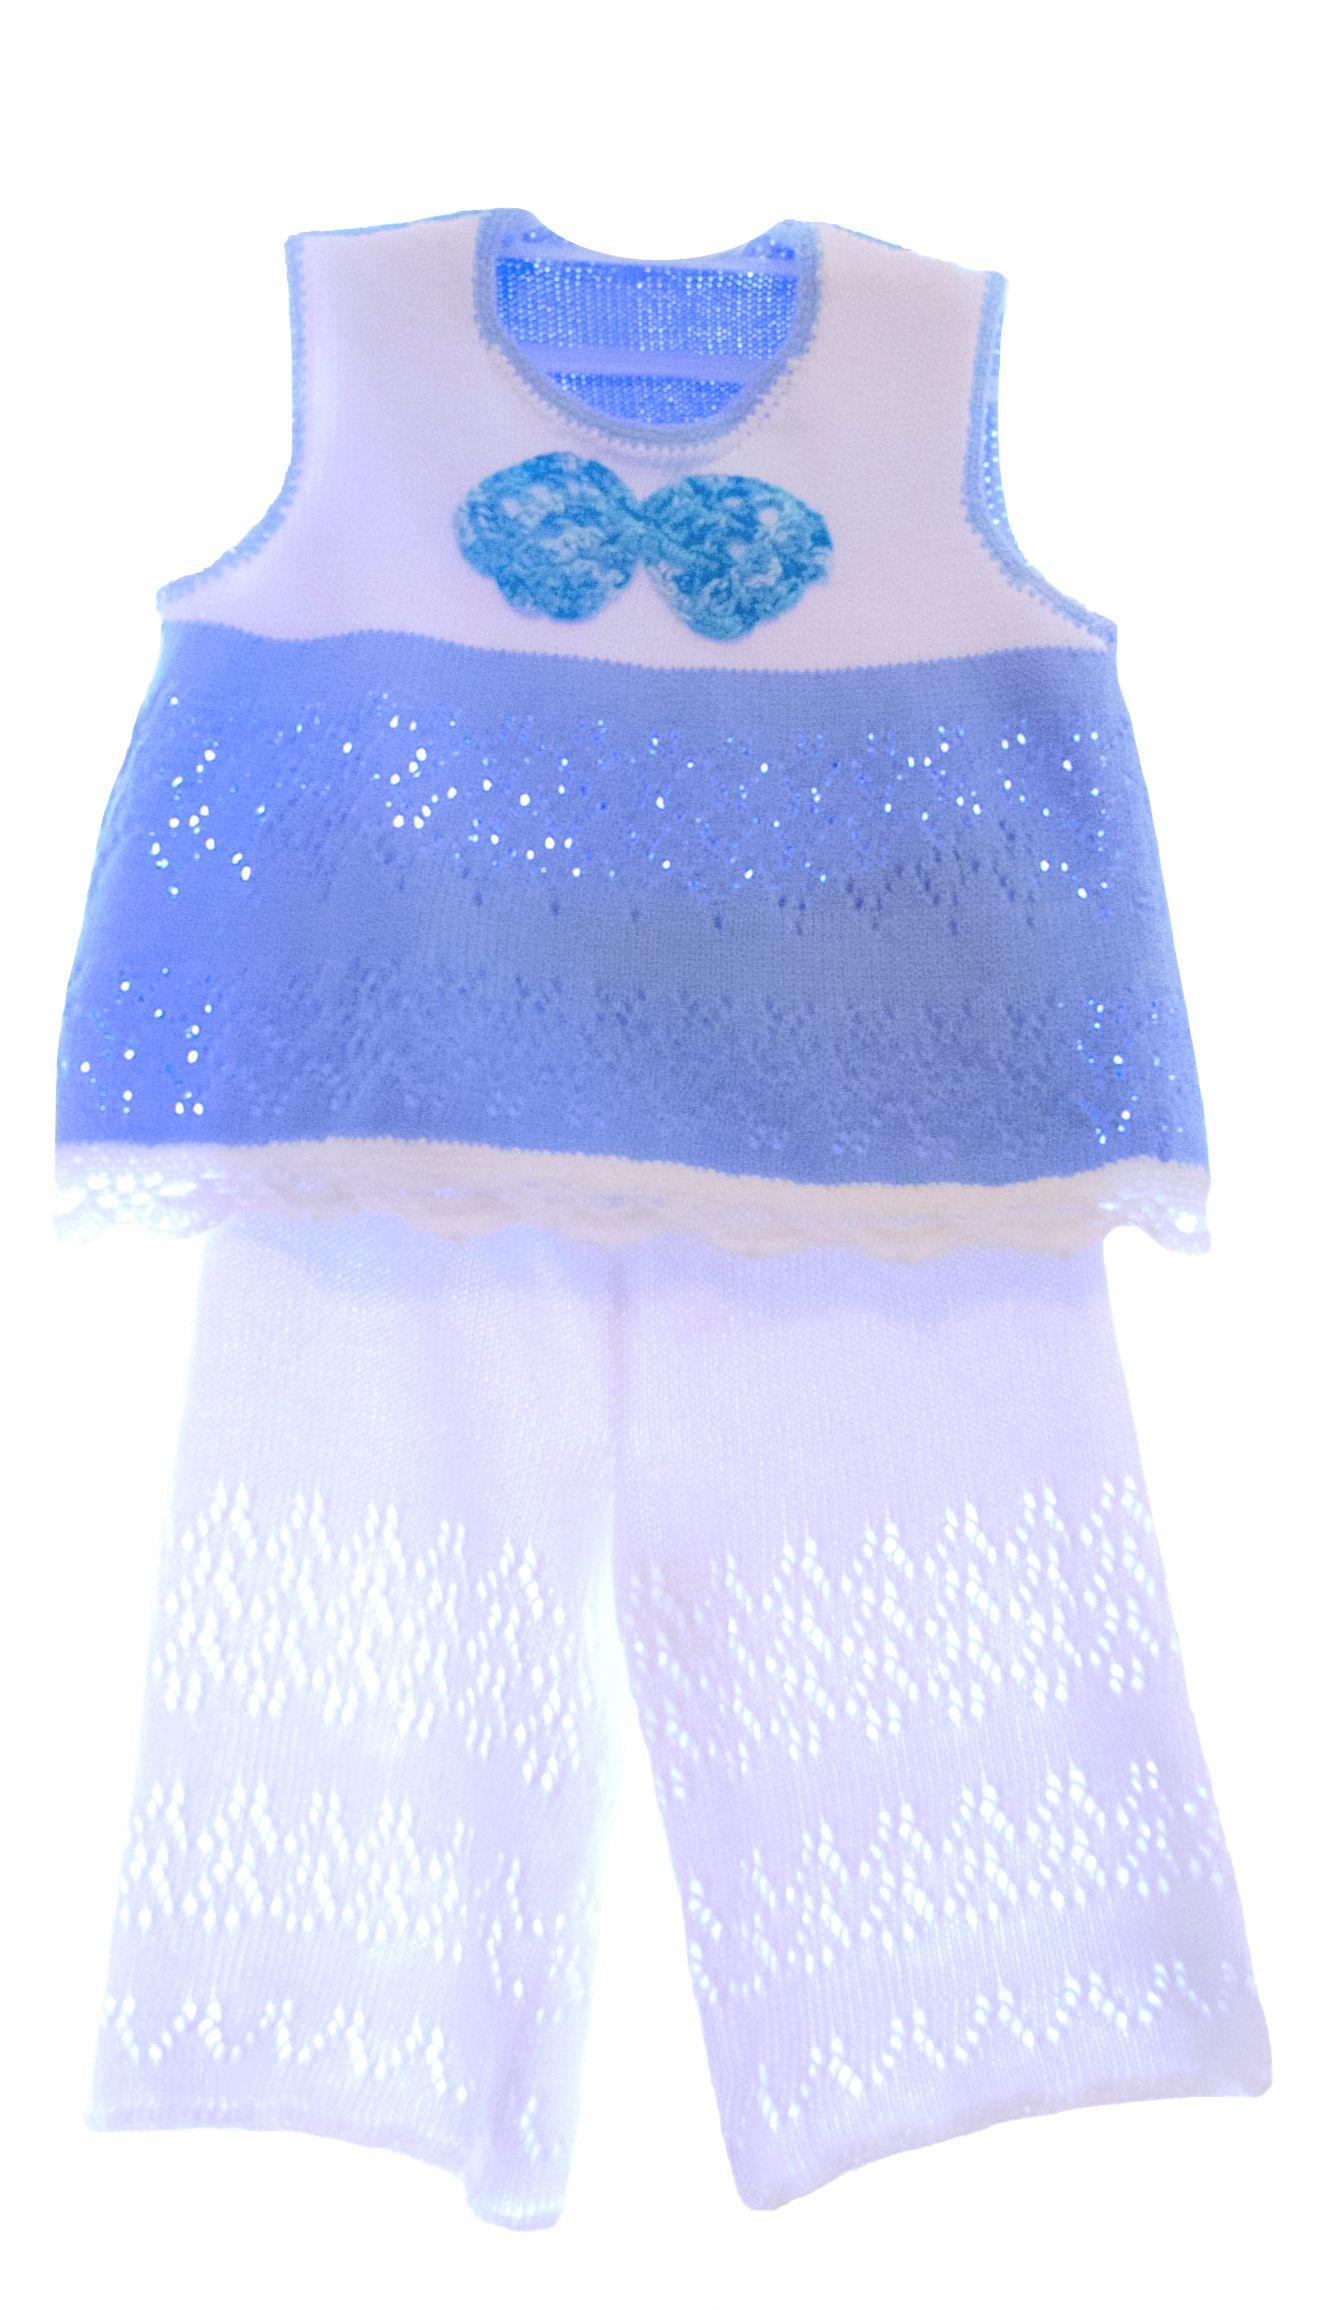 брючки летний однотонный топик разноцветный девочек одежда для девочки костюм вязаный